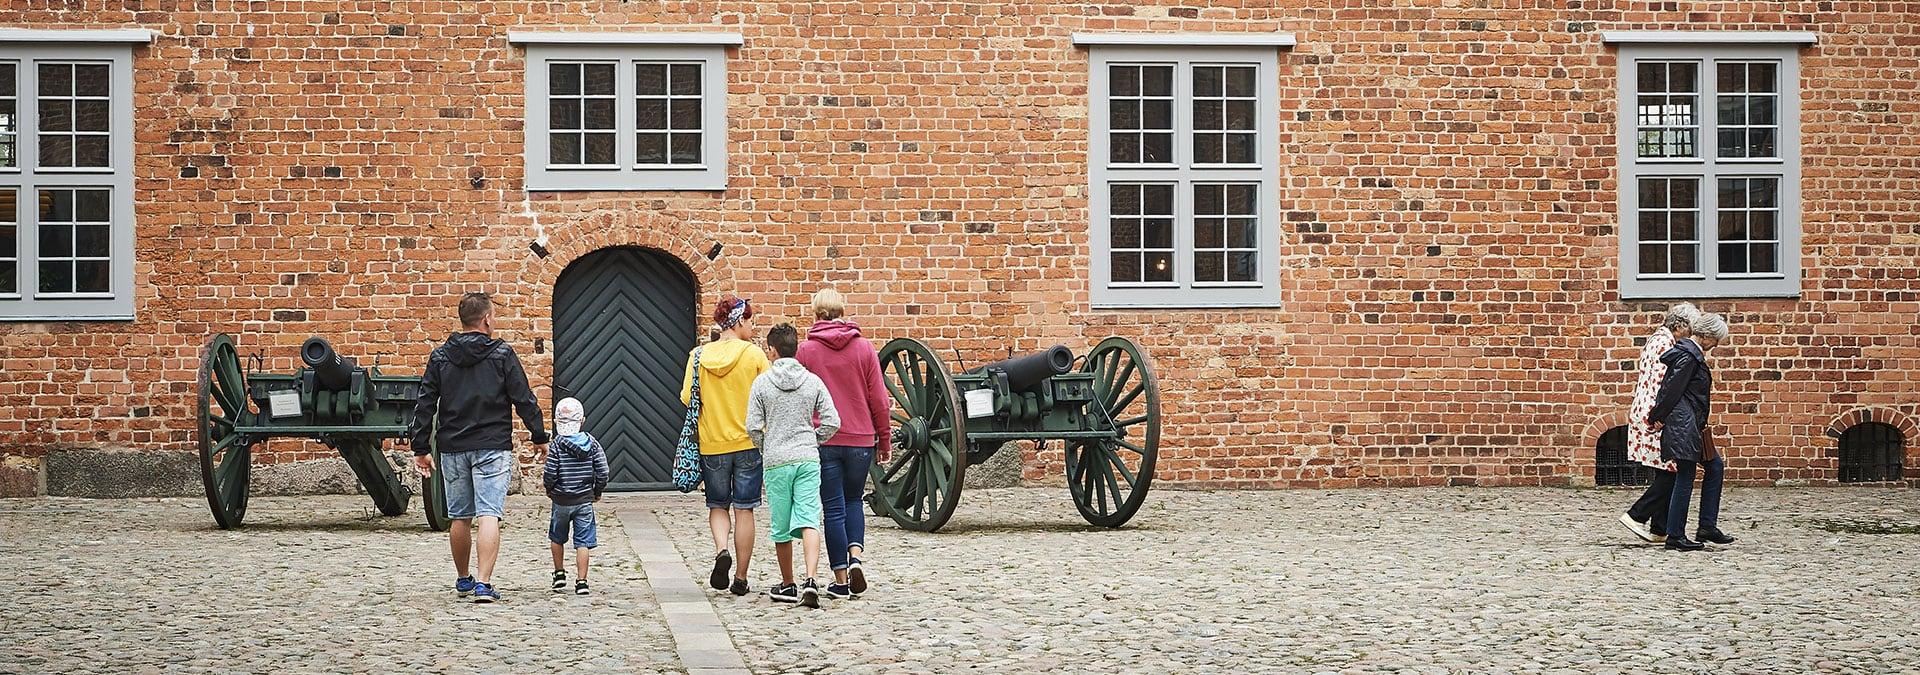 OMVISNING: På Sønderborg Slot